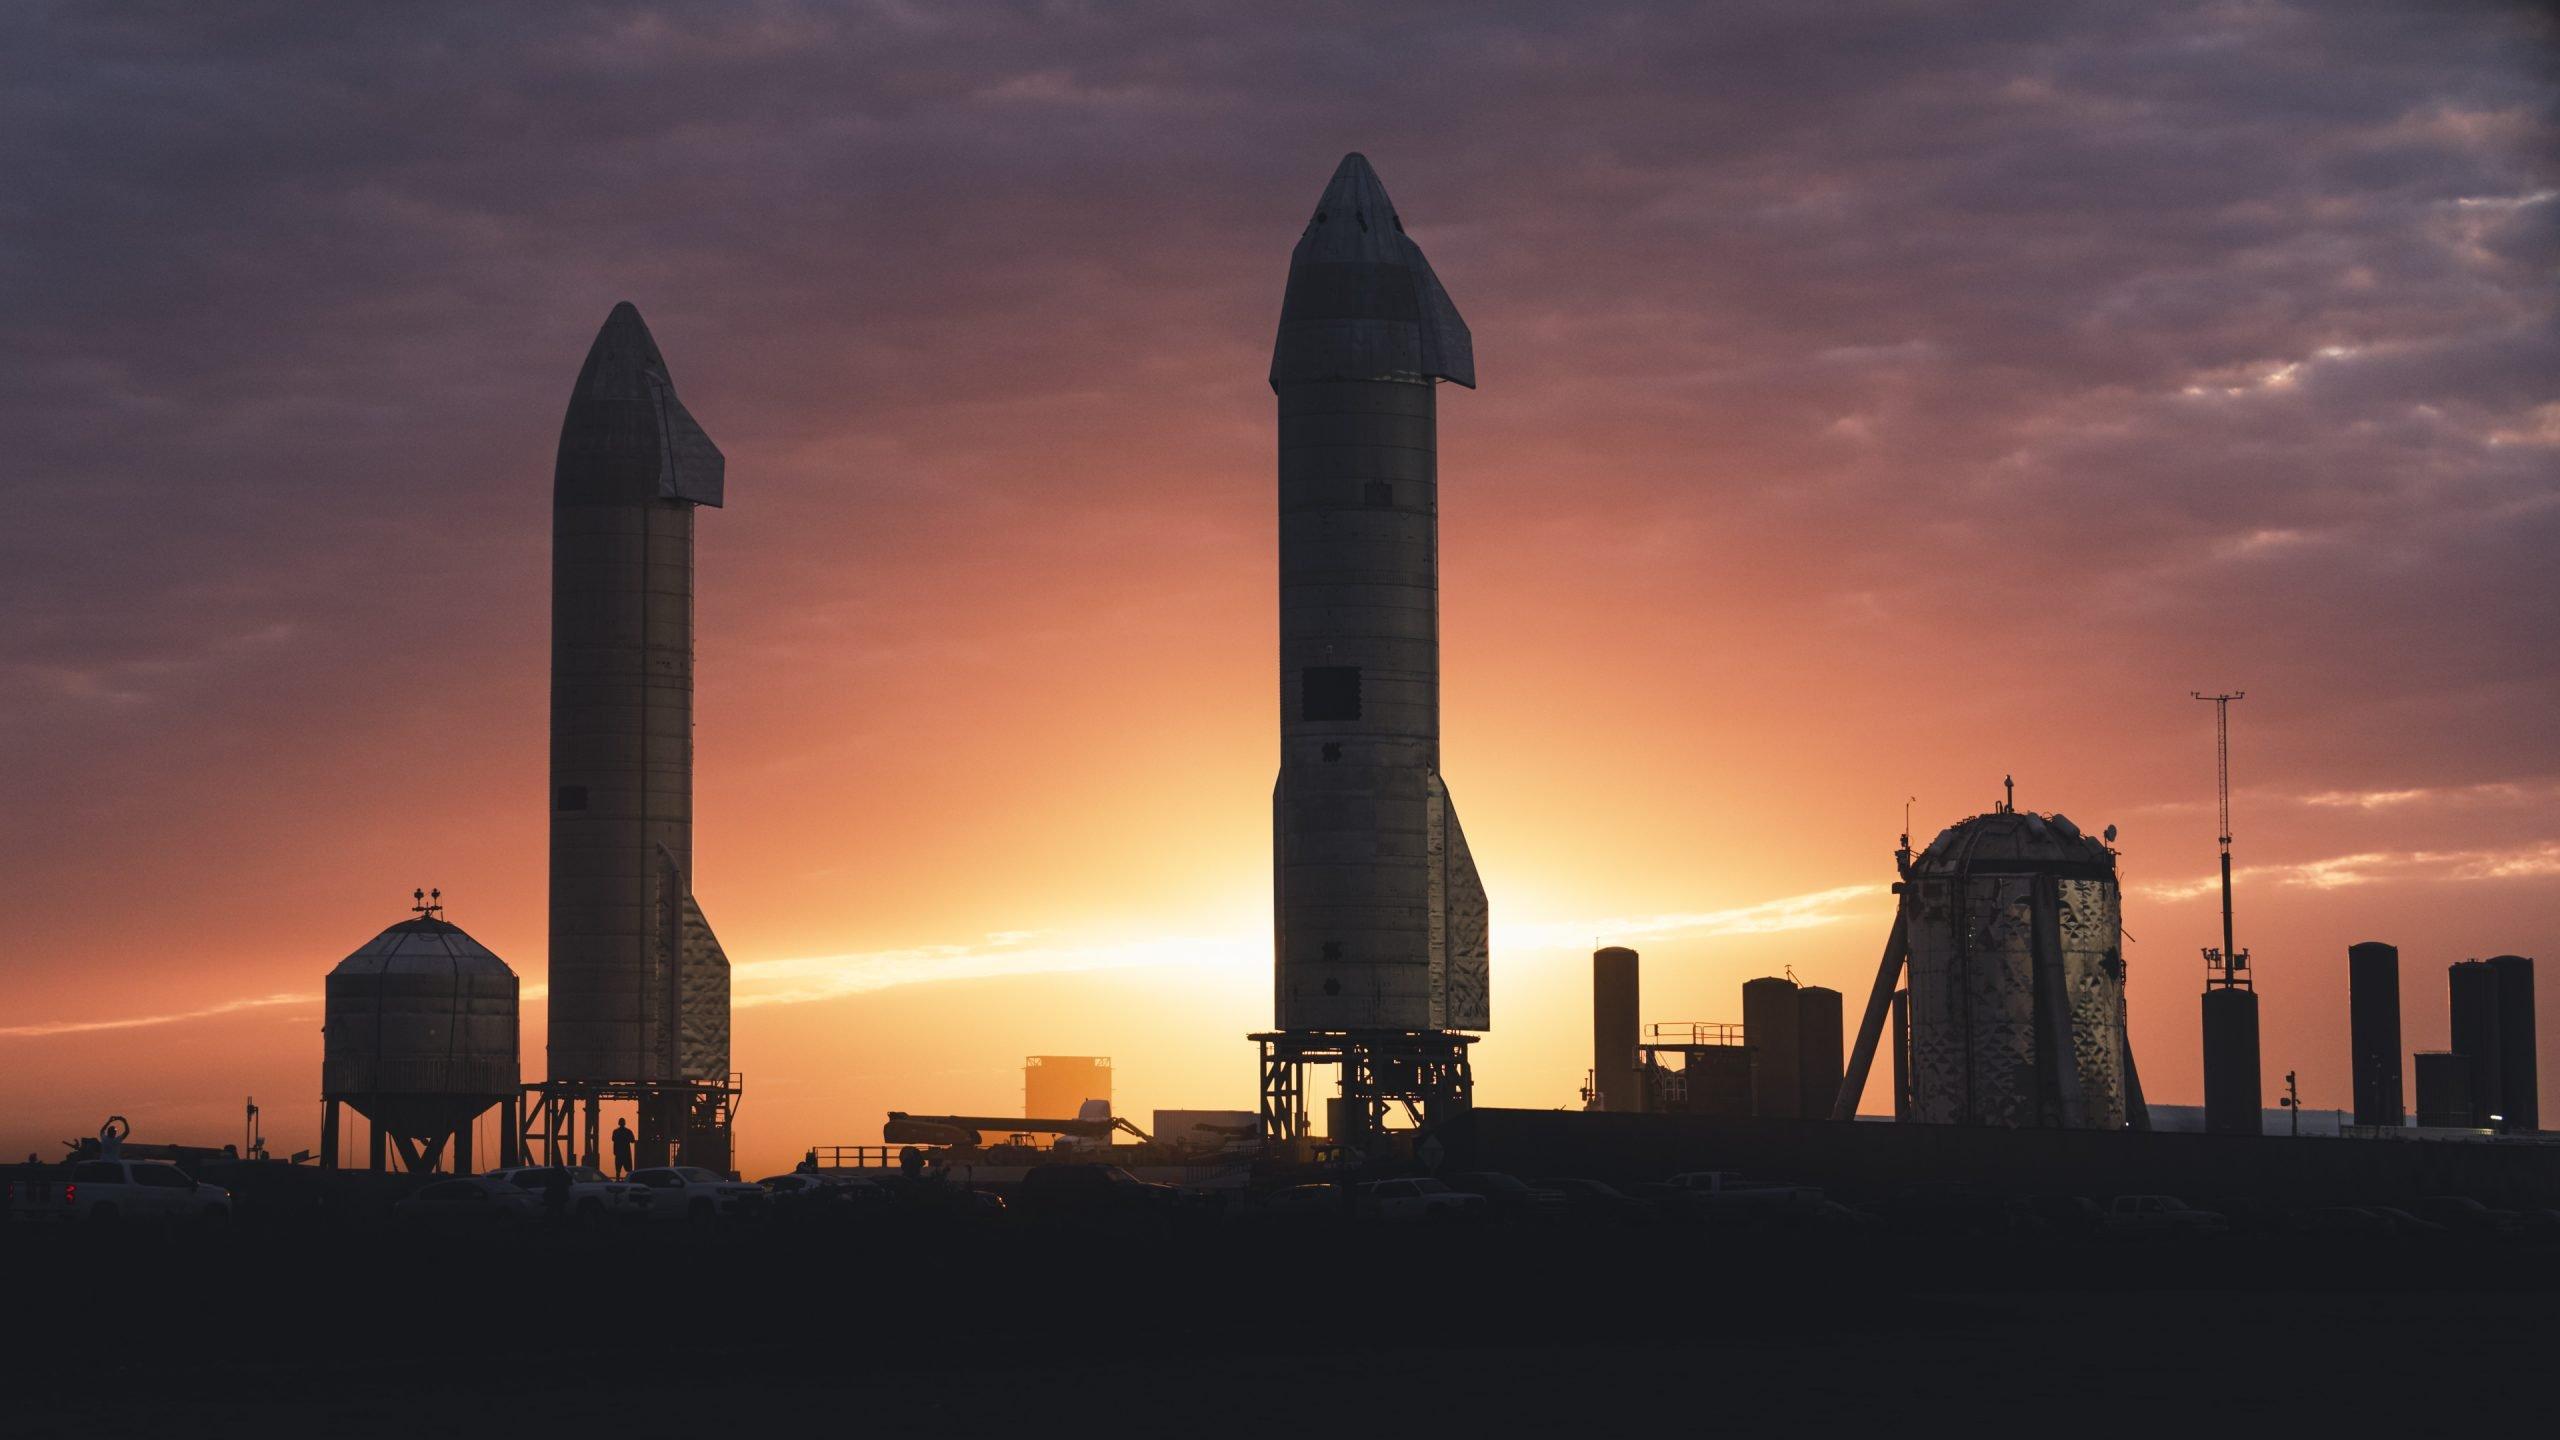 اولین پرتاب مداری راکت استارشیپ اسپیس ایکس احتمالا به تعویق خواهد افتاد